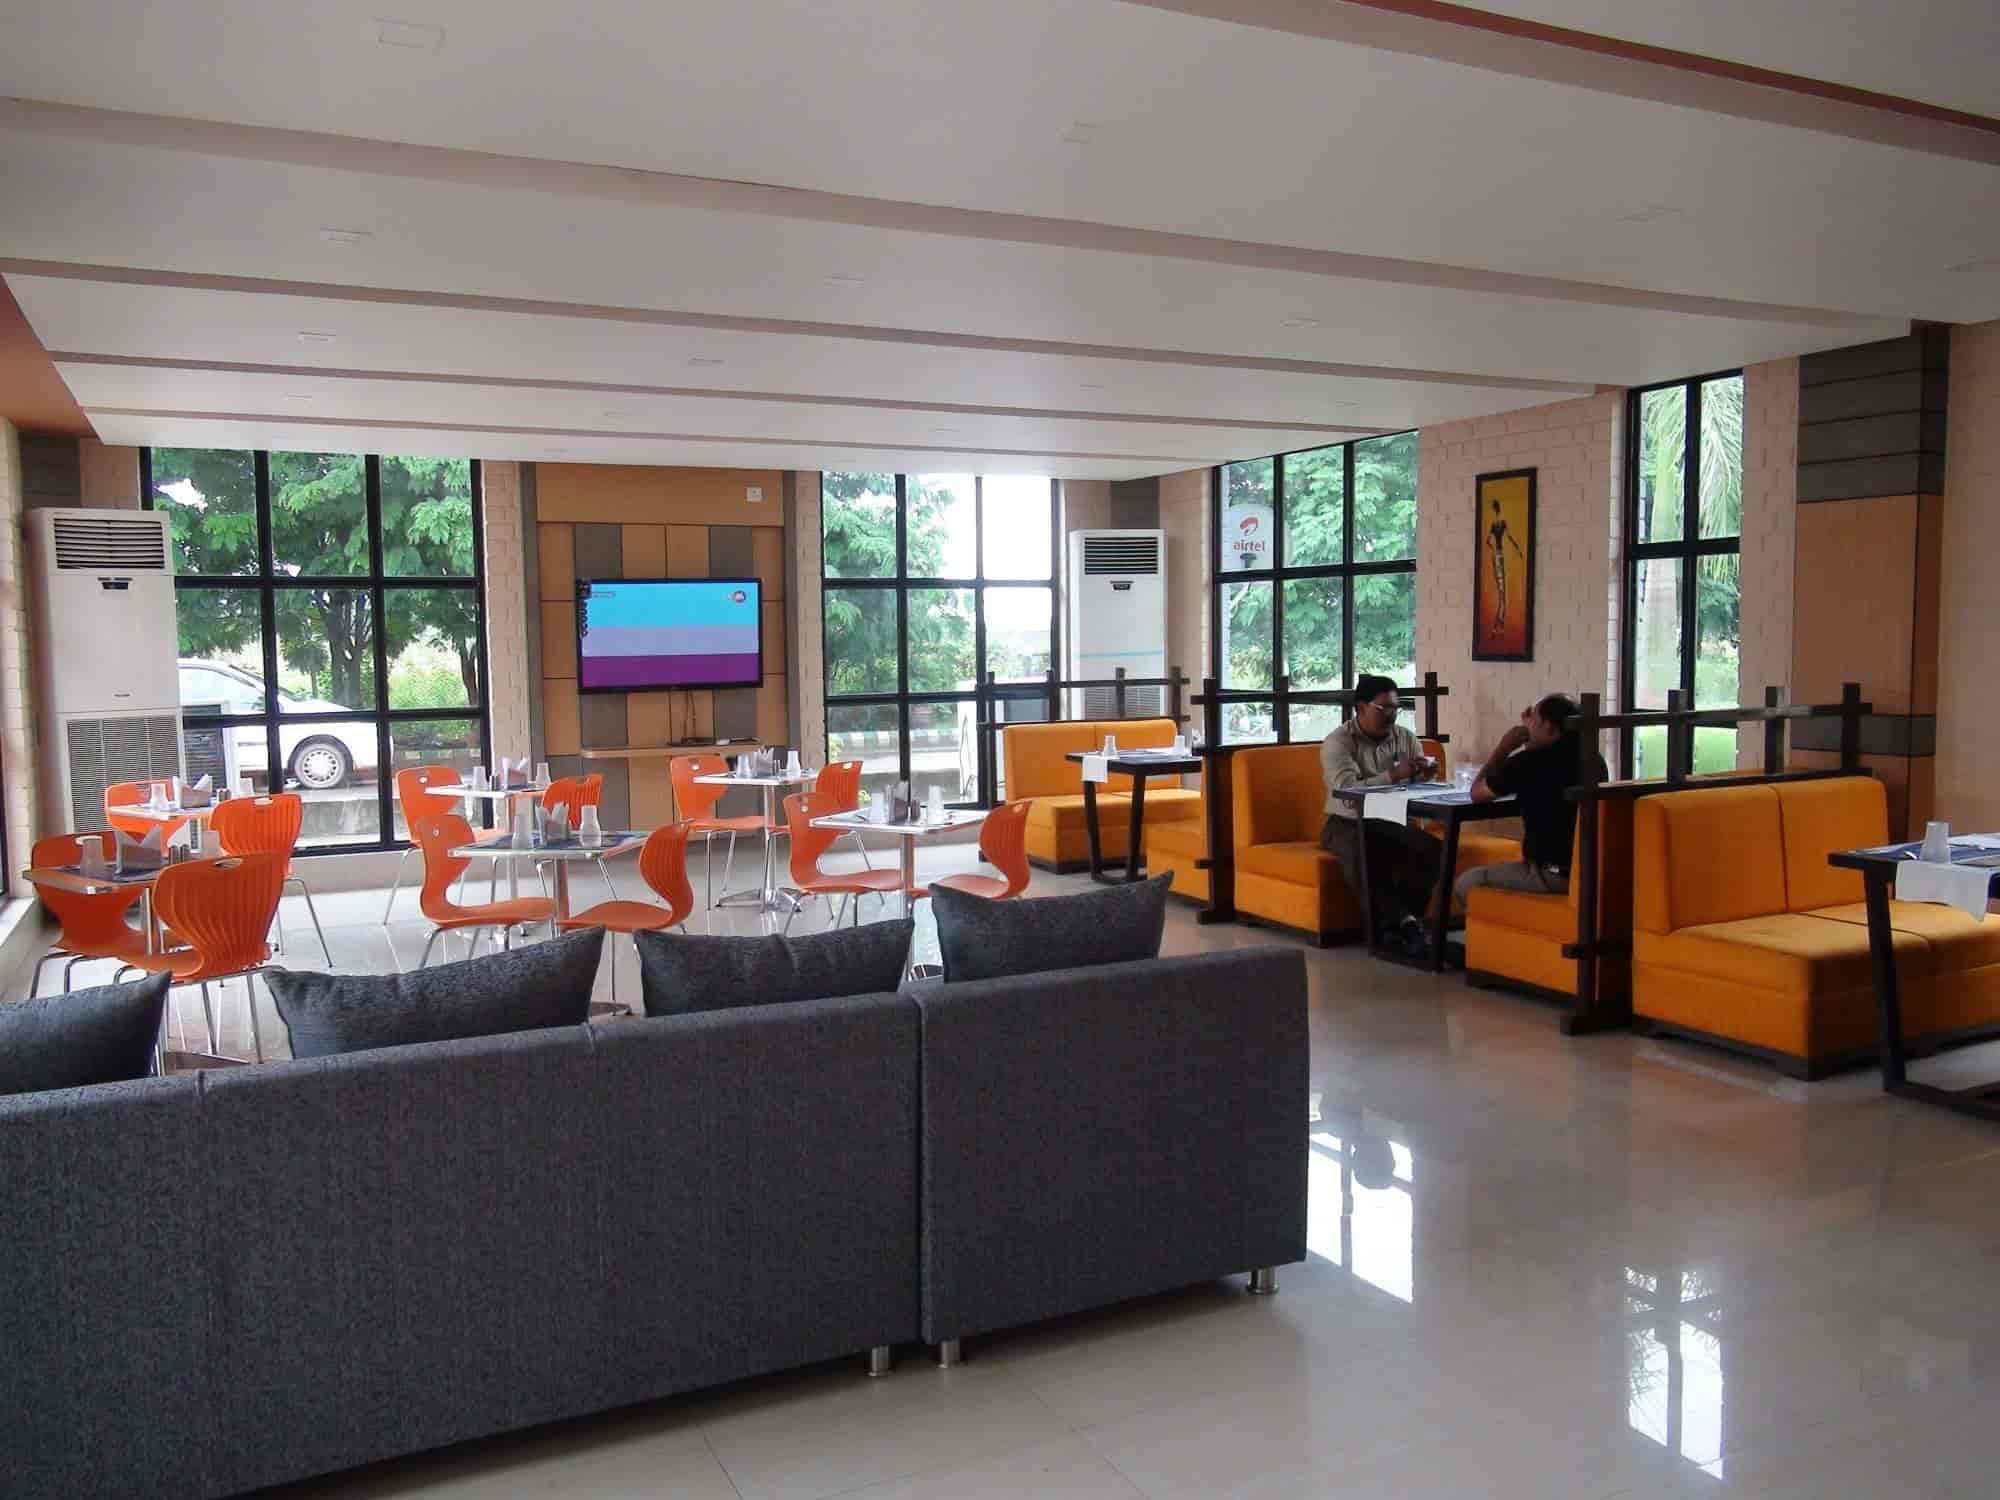 Rb Interior, Sealdah - Interior Designers in Kolkata - Justdial